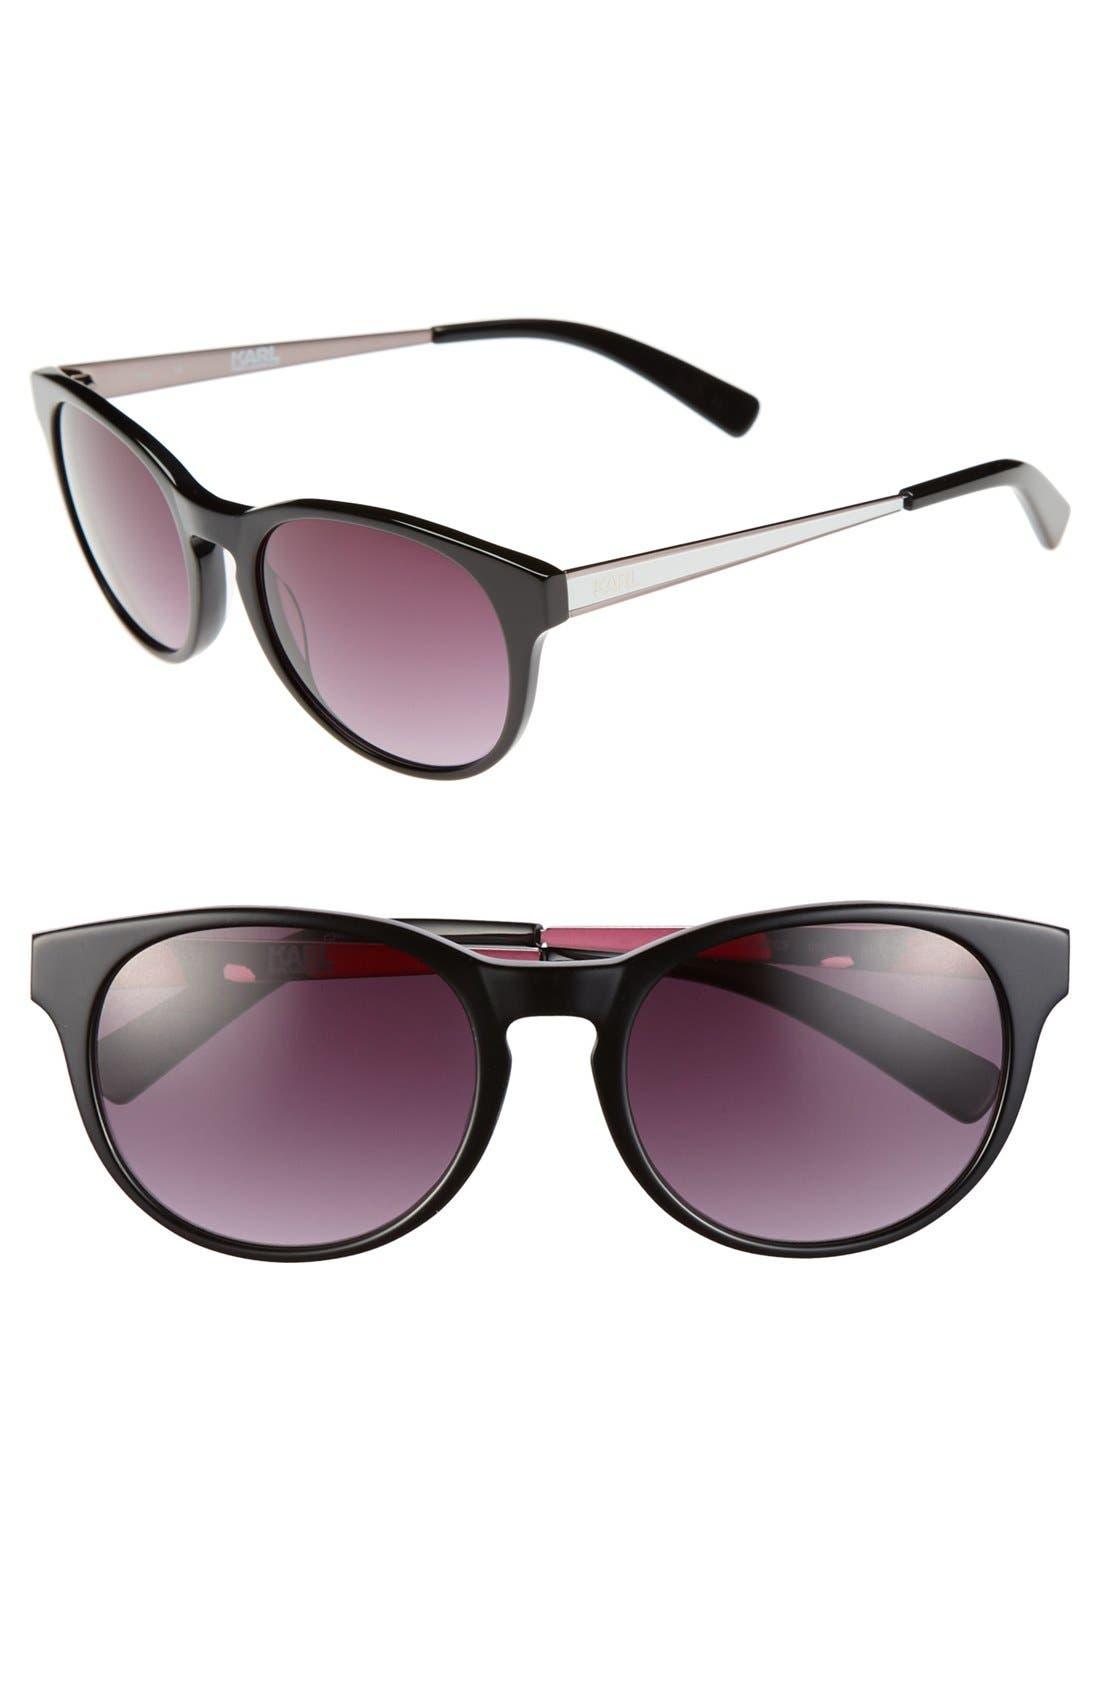 Main Image - Karl Lagerfeld 51mm Round Cat Eye Sunglasses